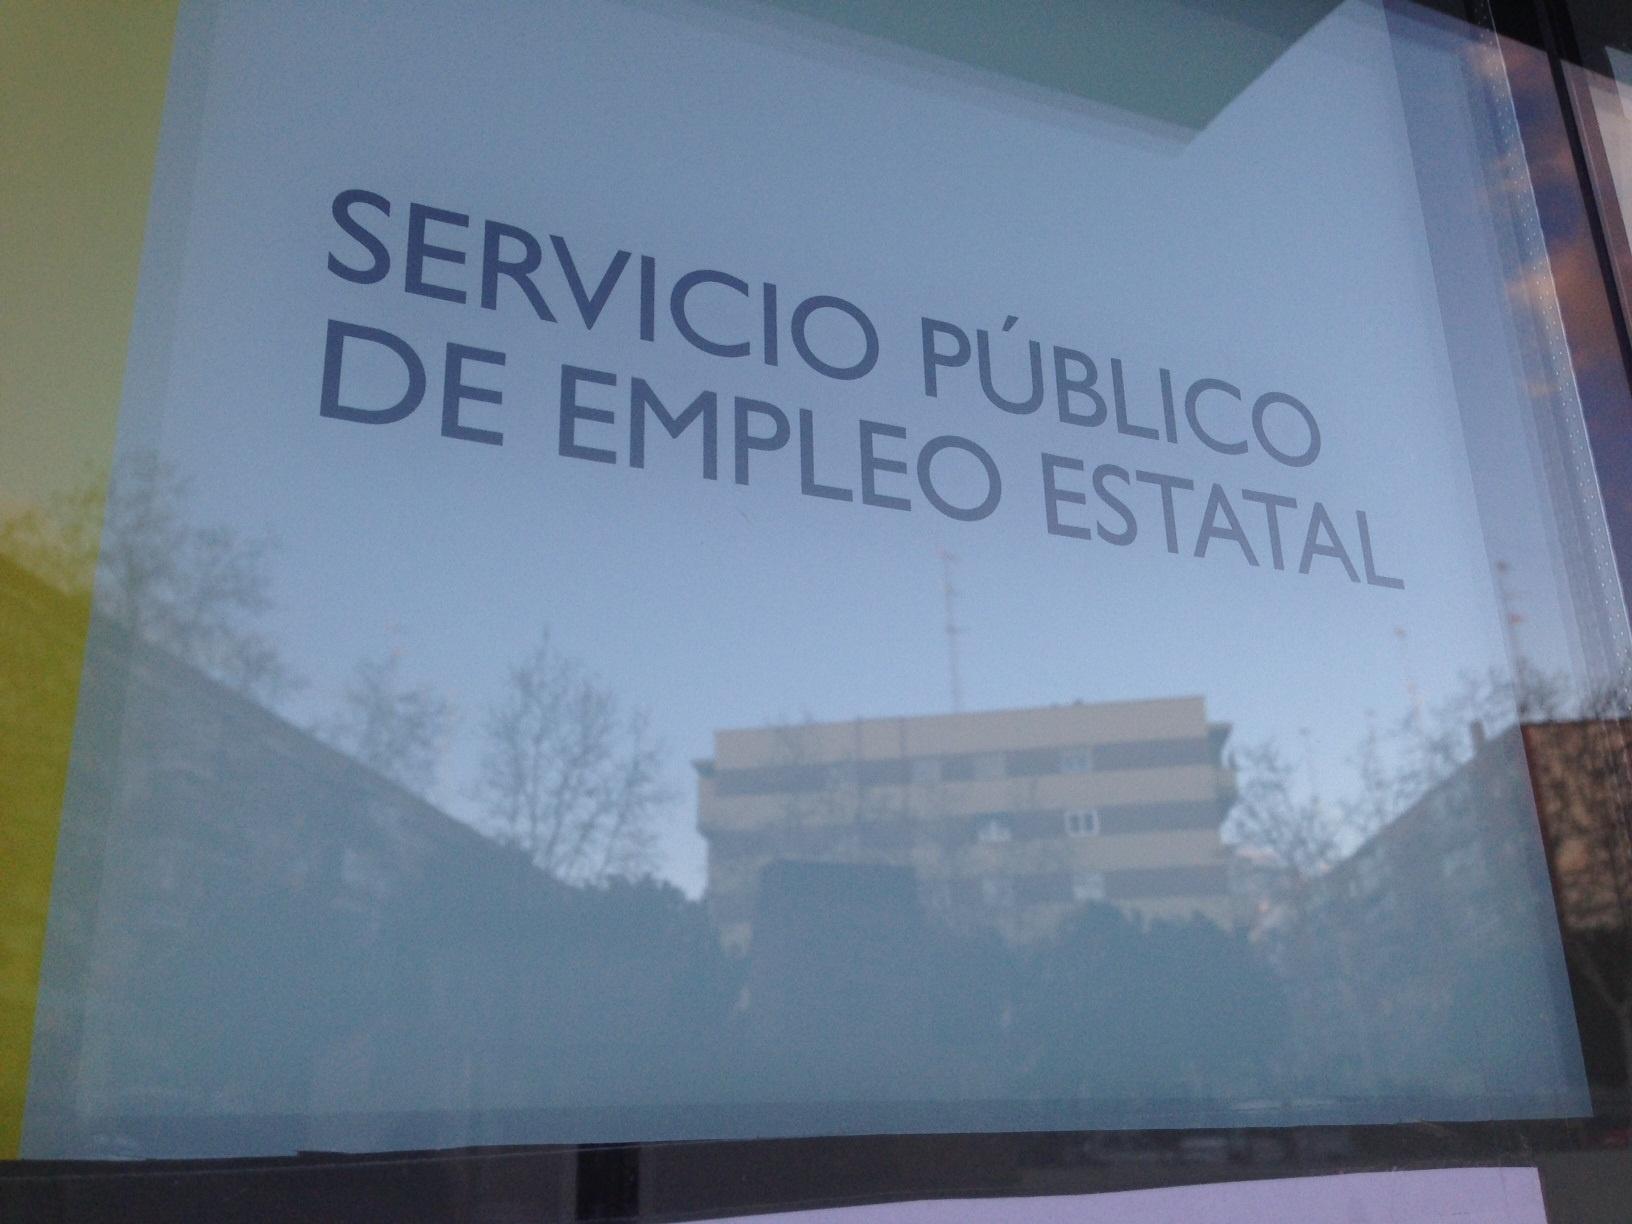 El desempleo baja en 2.129 personas en mayo en Extremadura y se sitúa en 146.758 parados totales